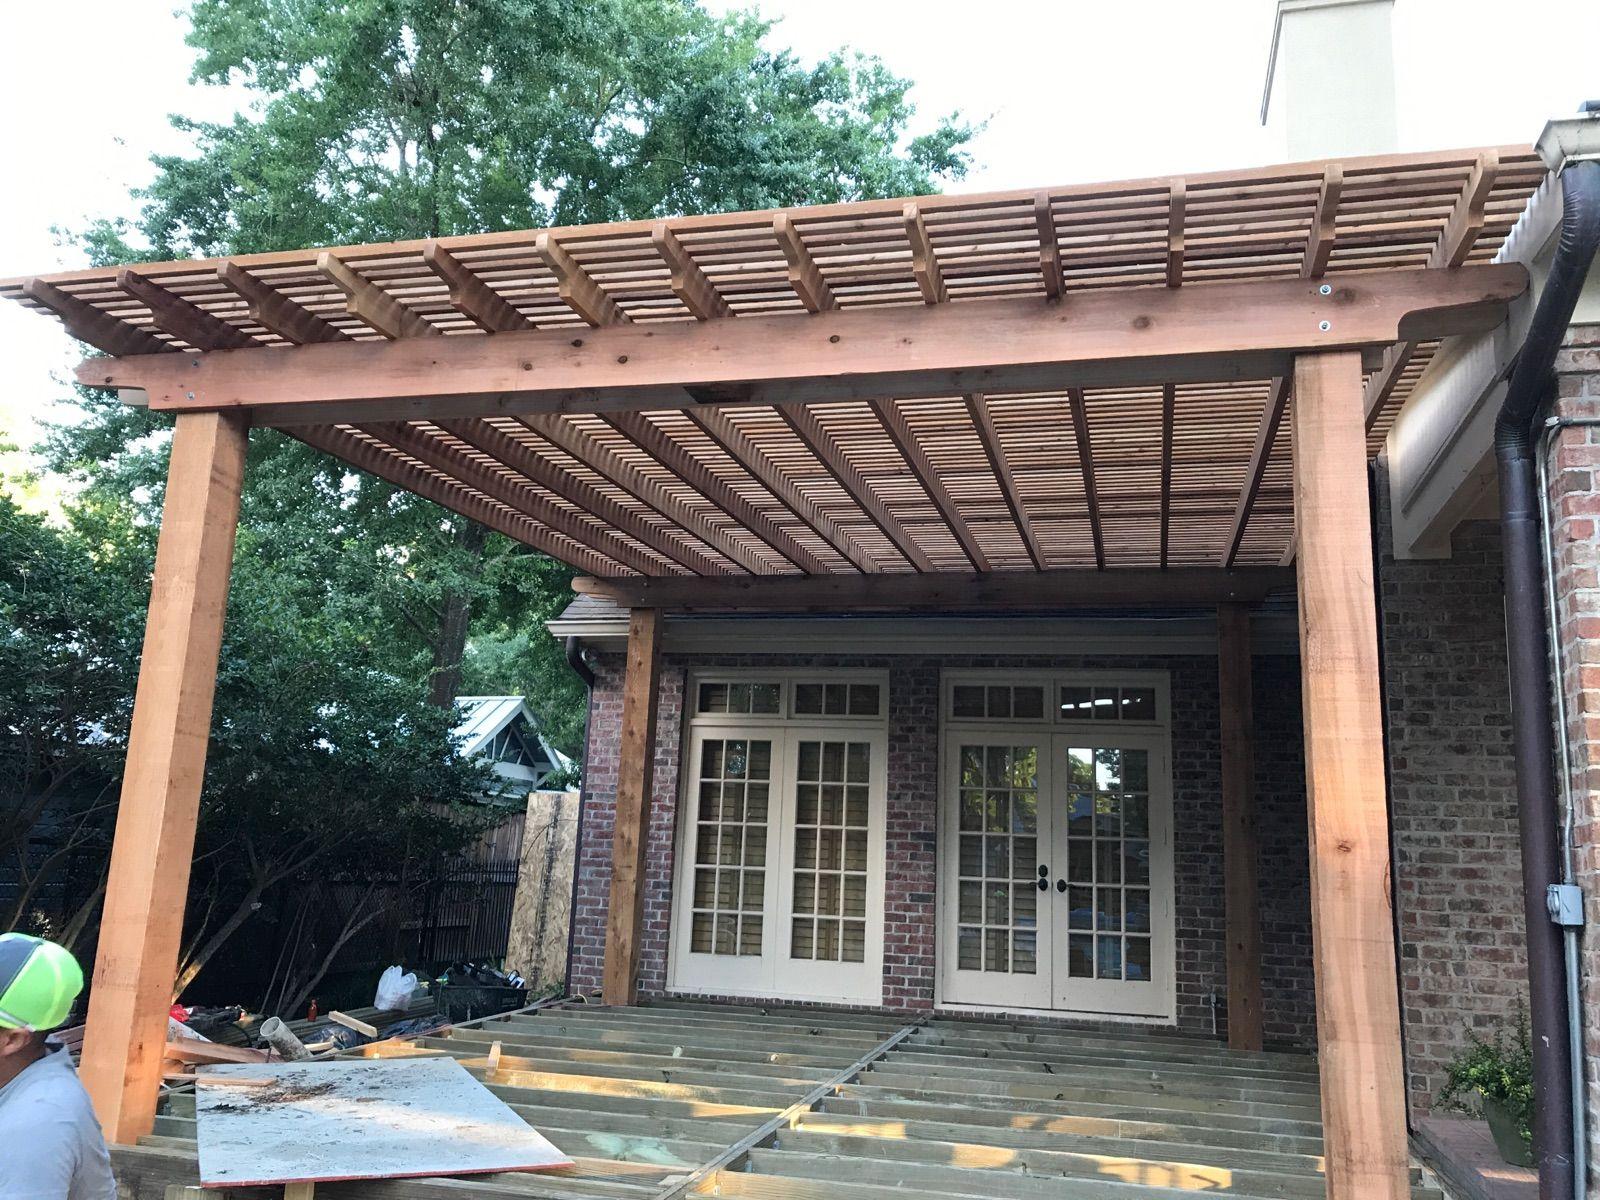 www.texaspatiocovers.com | Pergola, Pergola screens, Cedar ...